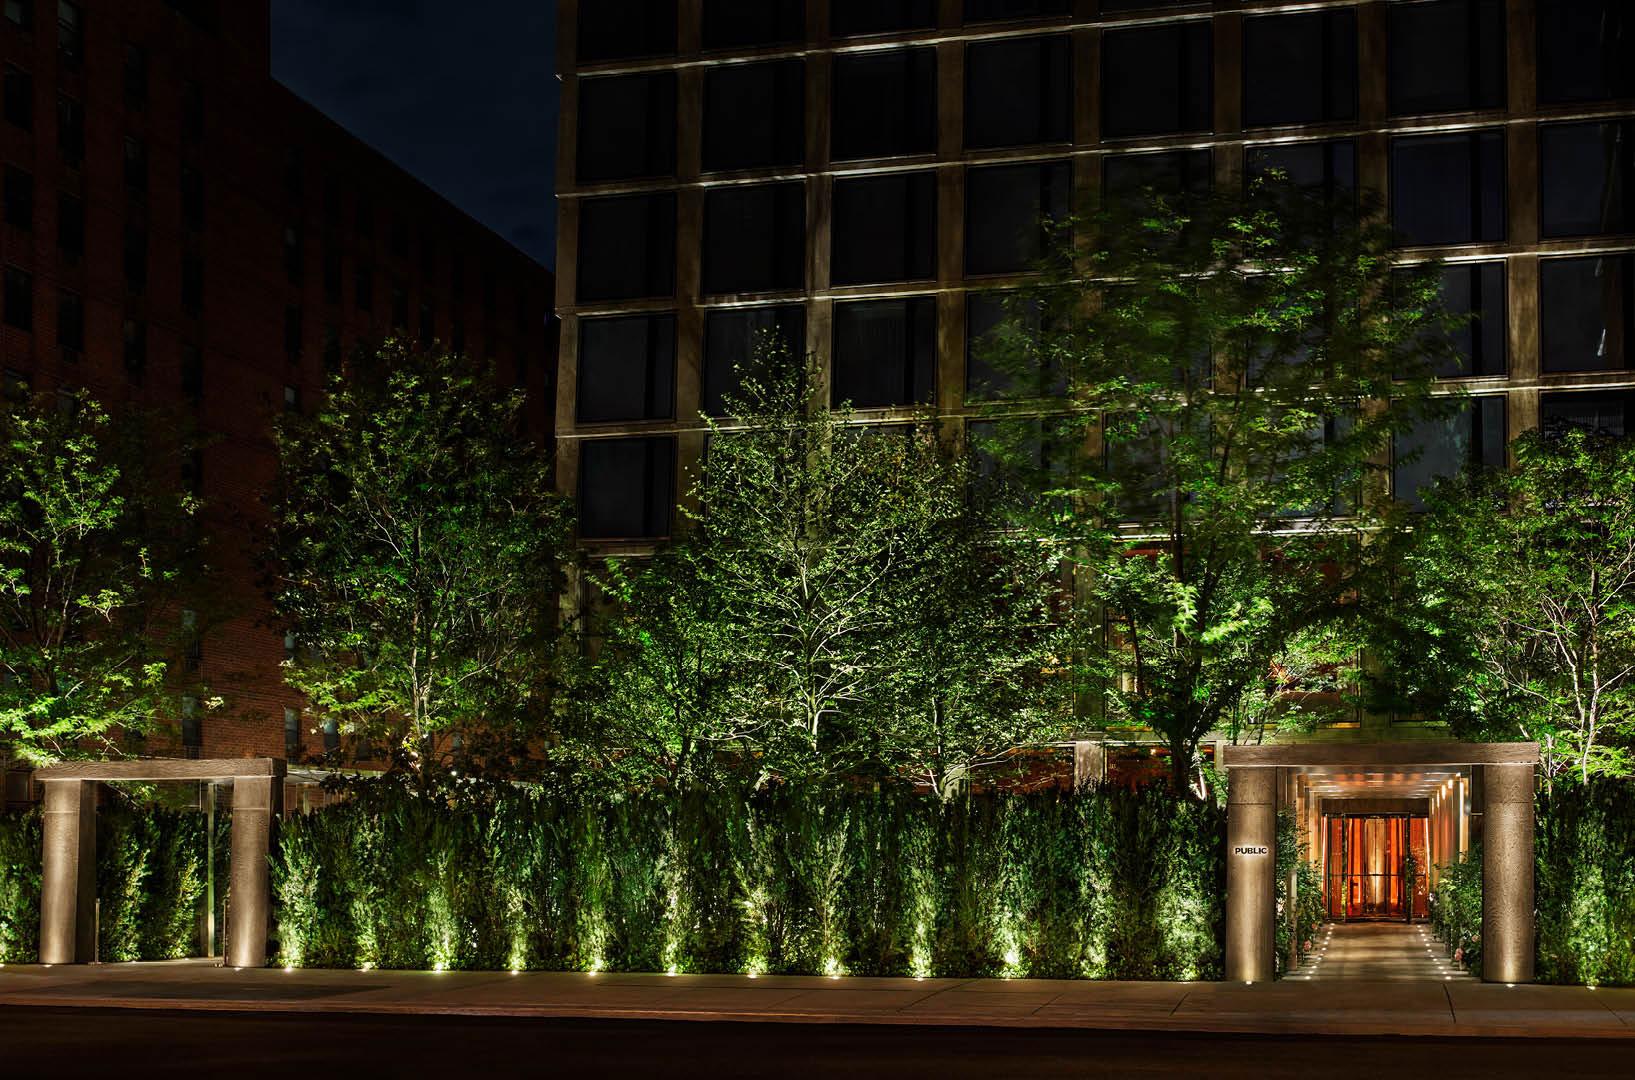 Das wohl angesagteste Hotel in SoHo, NYC: Das Public Hotel von Studio 54-Gründer Ian Schrager 3